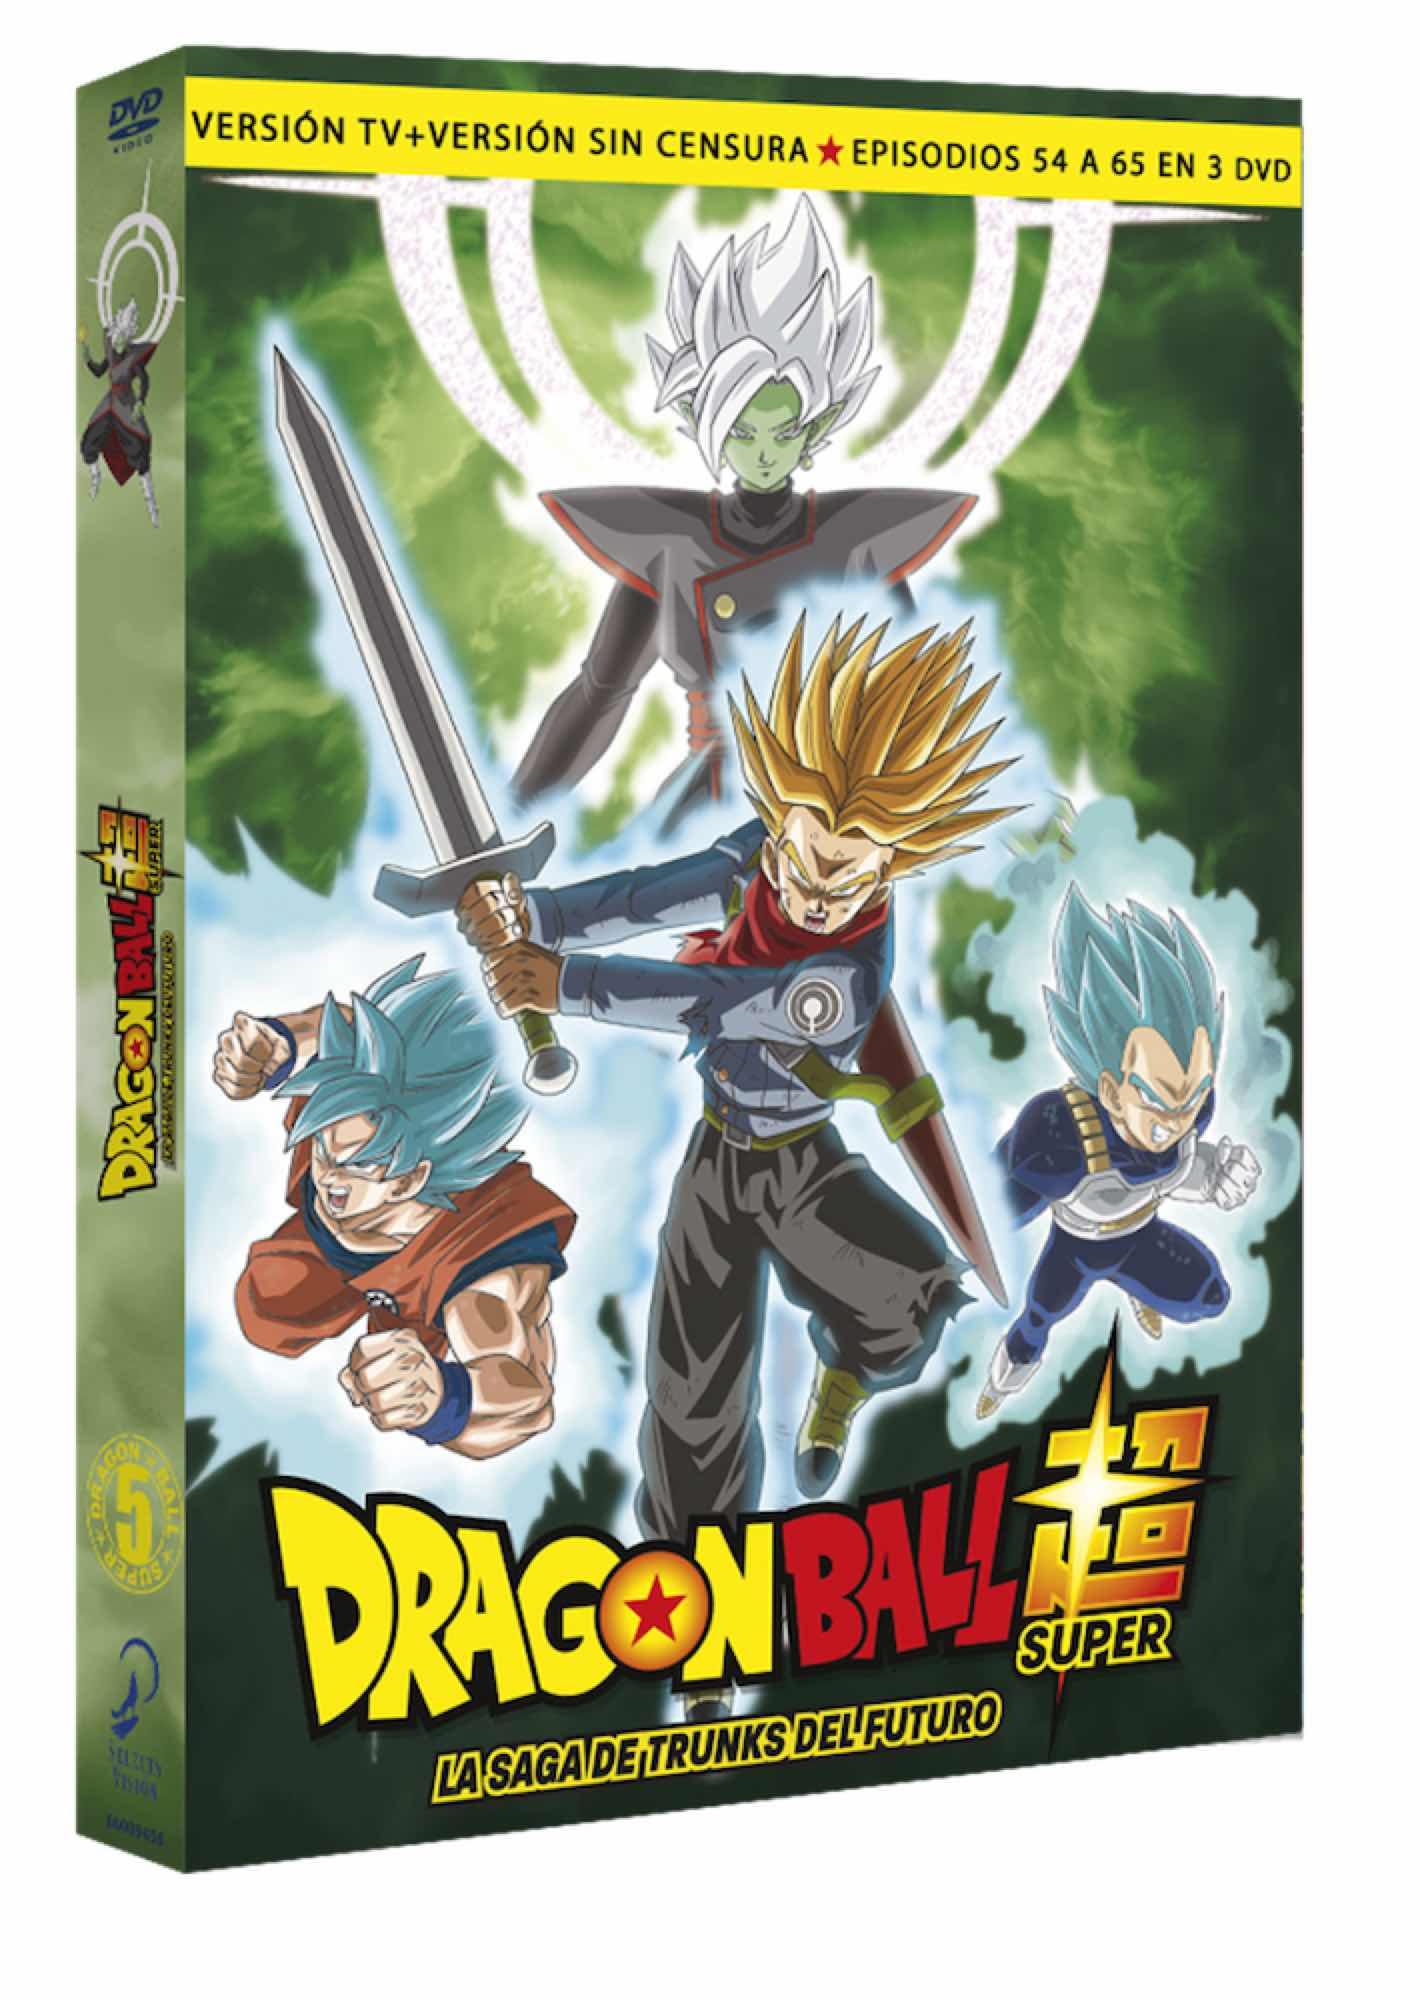 DVD DRAGON BALL SUPER BOX 5. LA SAGA DE TRUNKS DEL FUTURO